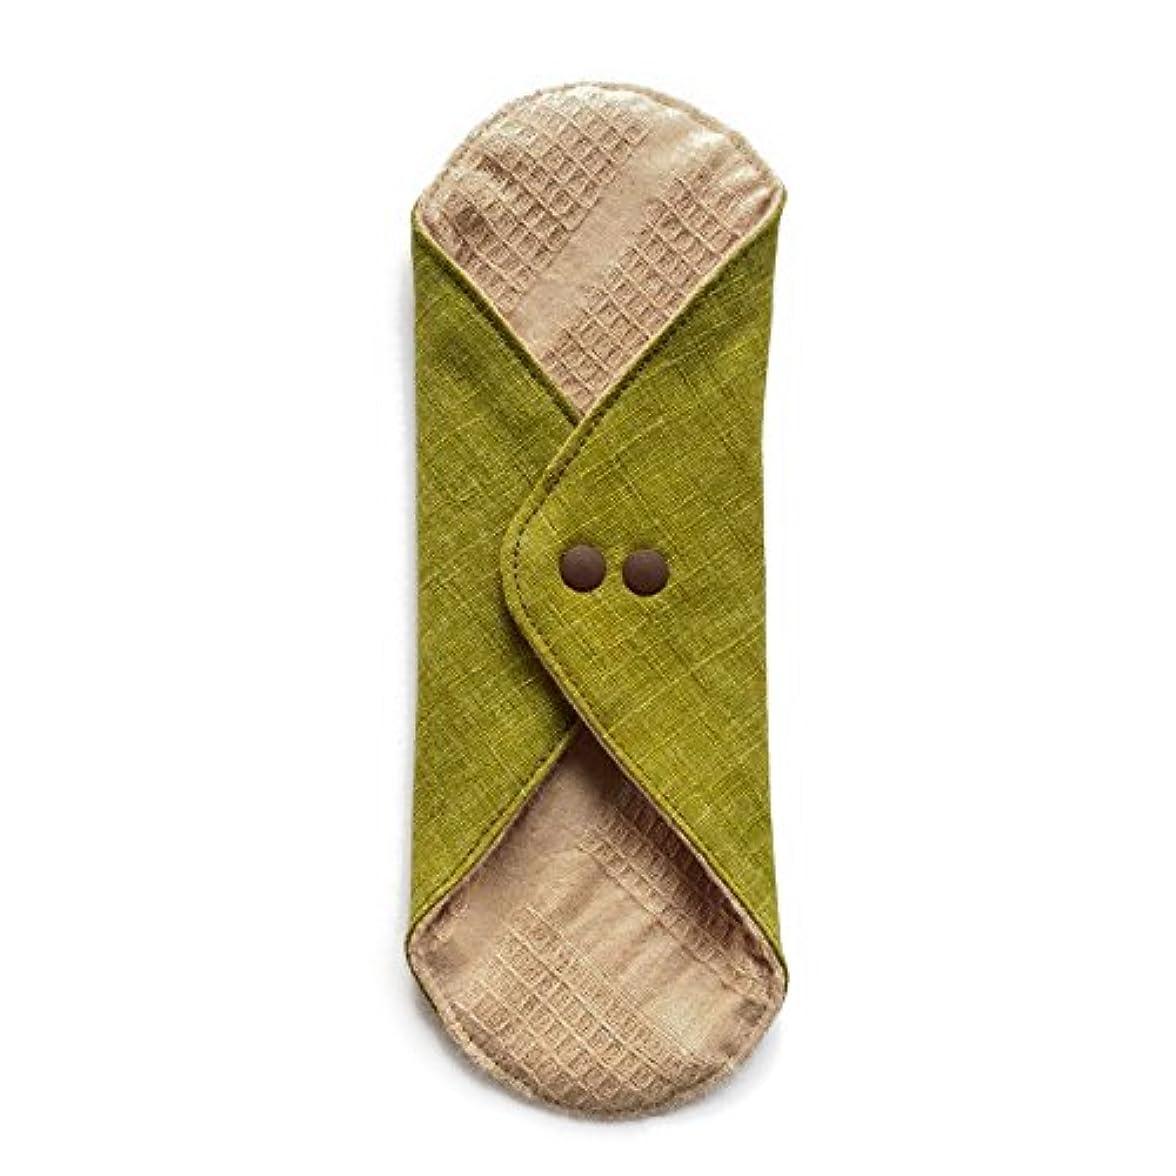 ミリメートル胴体番号華布のオーガニックコットンのあたため布 Lサイズ (約18×約20.5×約0.5cm) 彩り(抹茶)